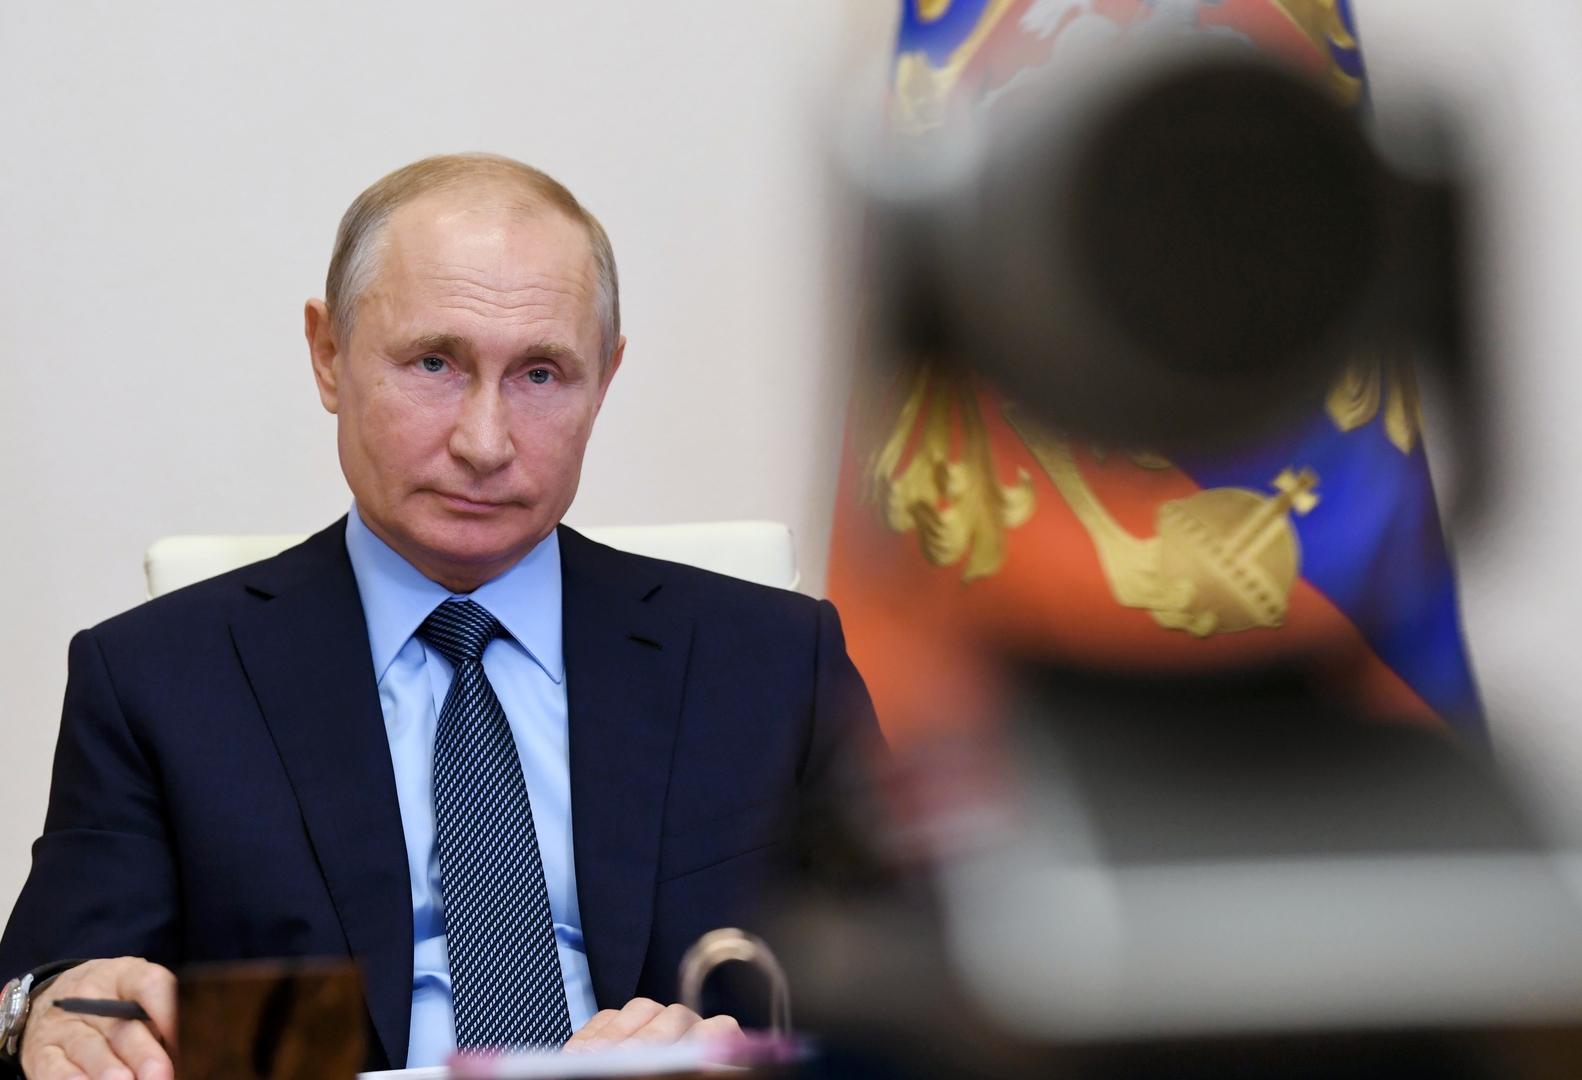 الكرملين يؤكد أن بوتين سيلقي كلمة أمام الجمعية العامة للأمم المتحدة